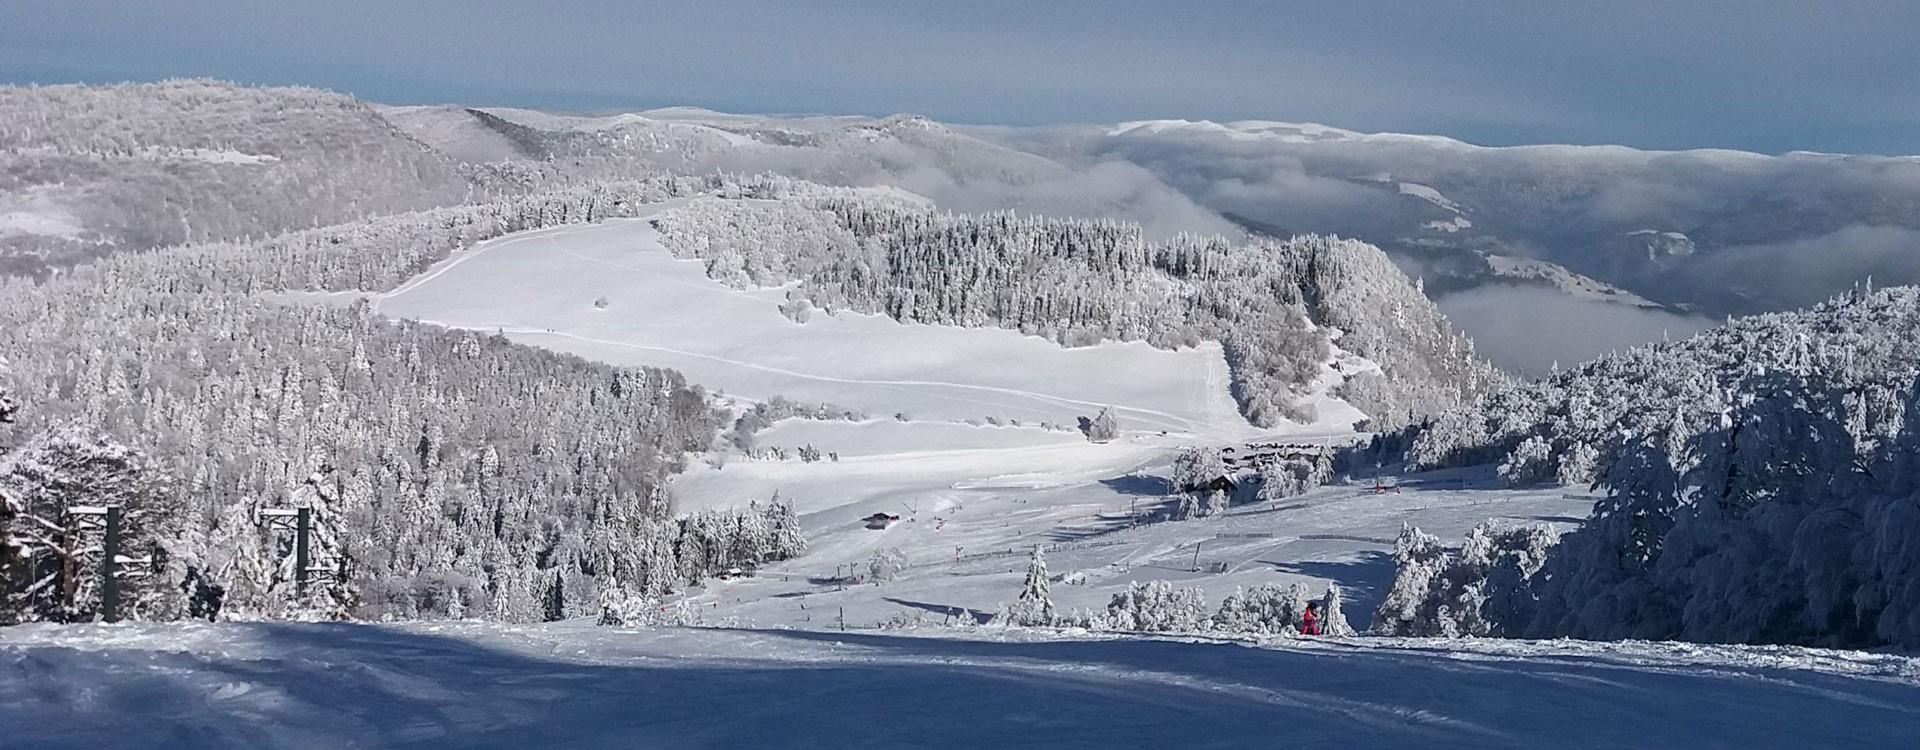 hiver-diapo-586